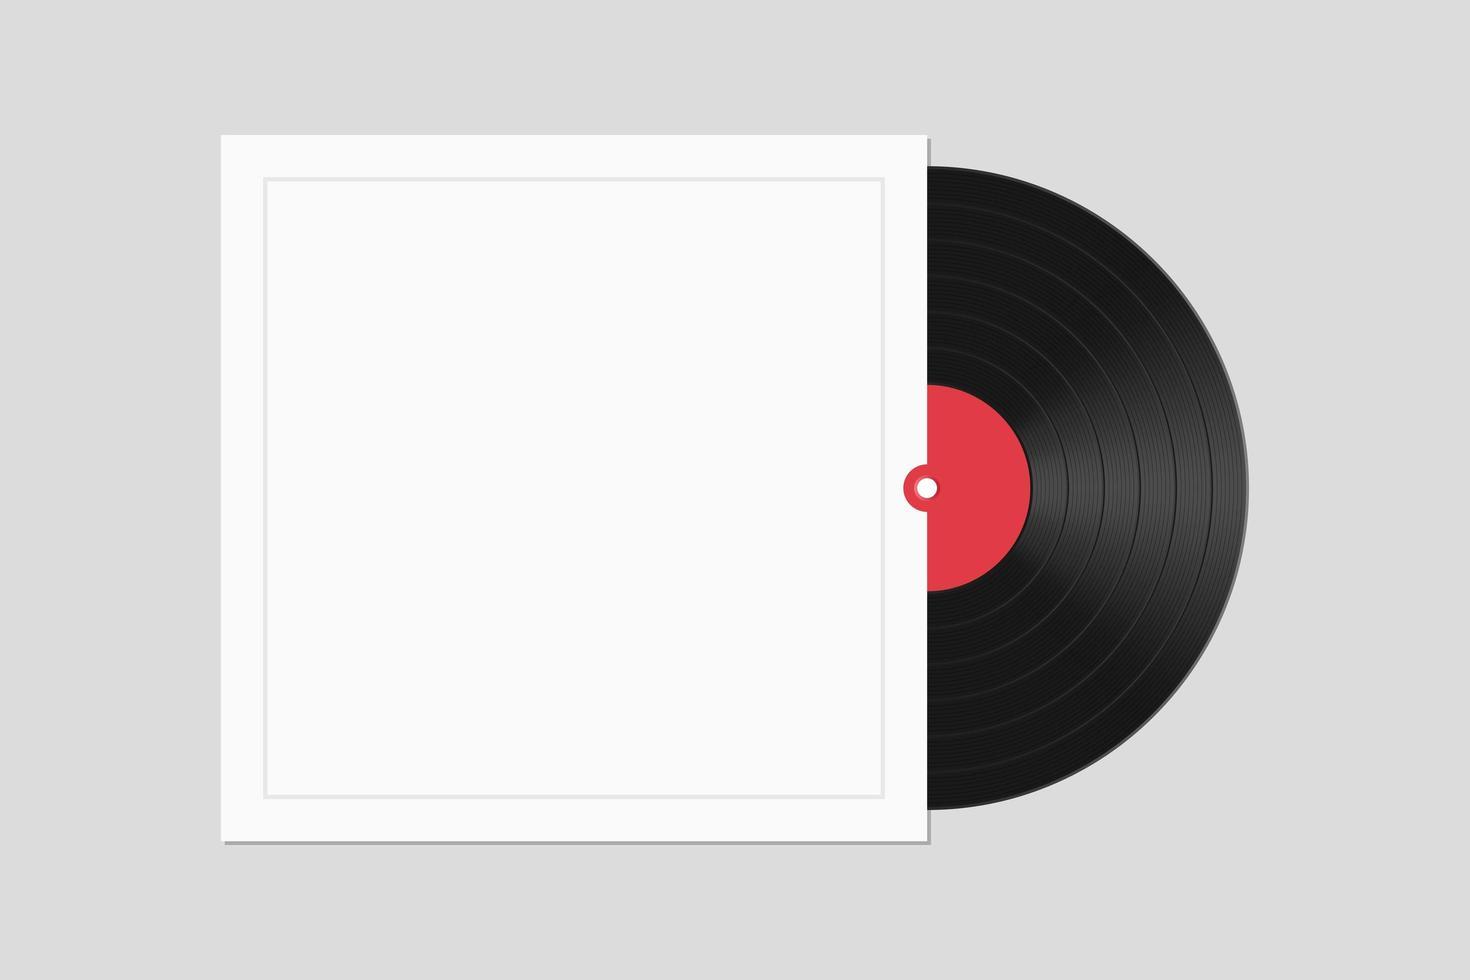 disque vinyle avec couvercle isolé vecteur